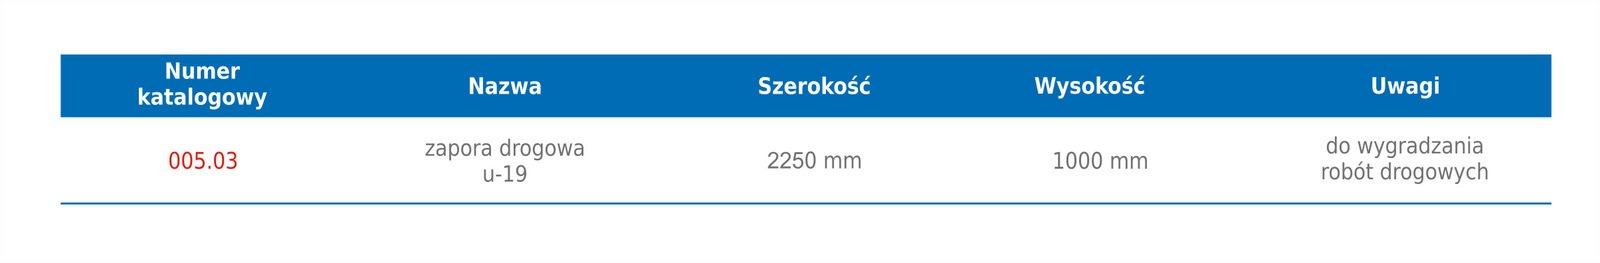 zapora-drogowa-u20-tabela